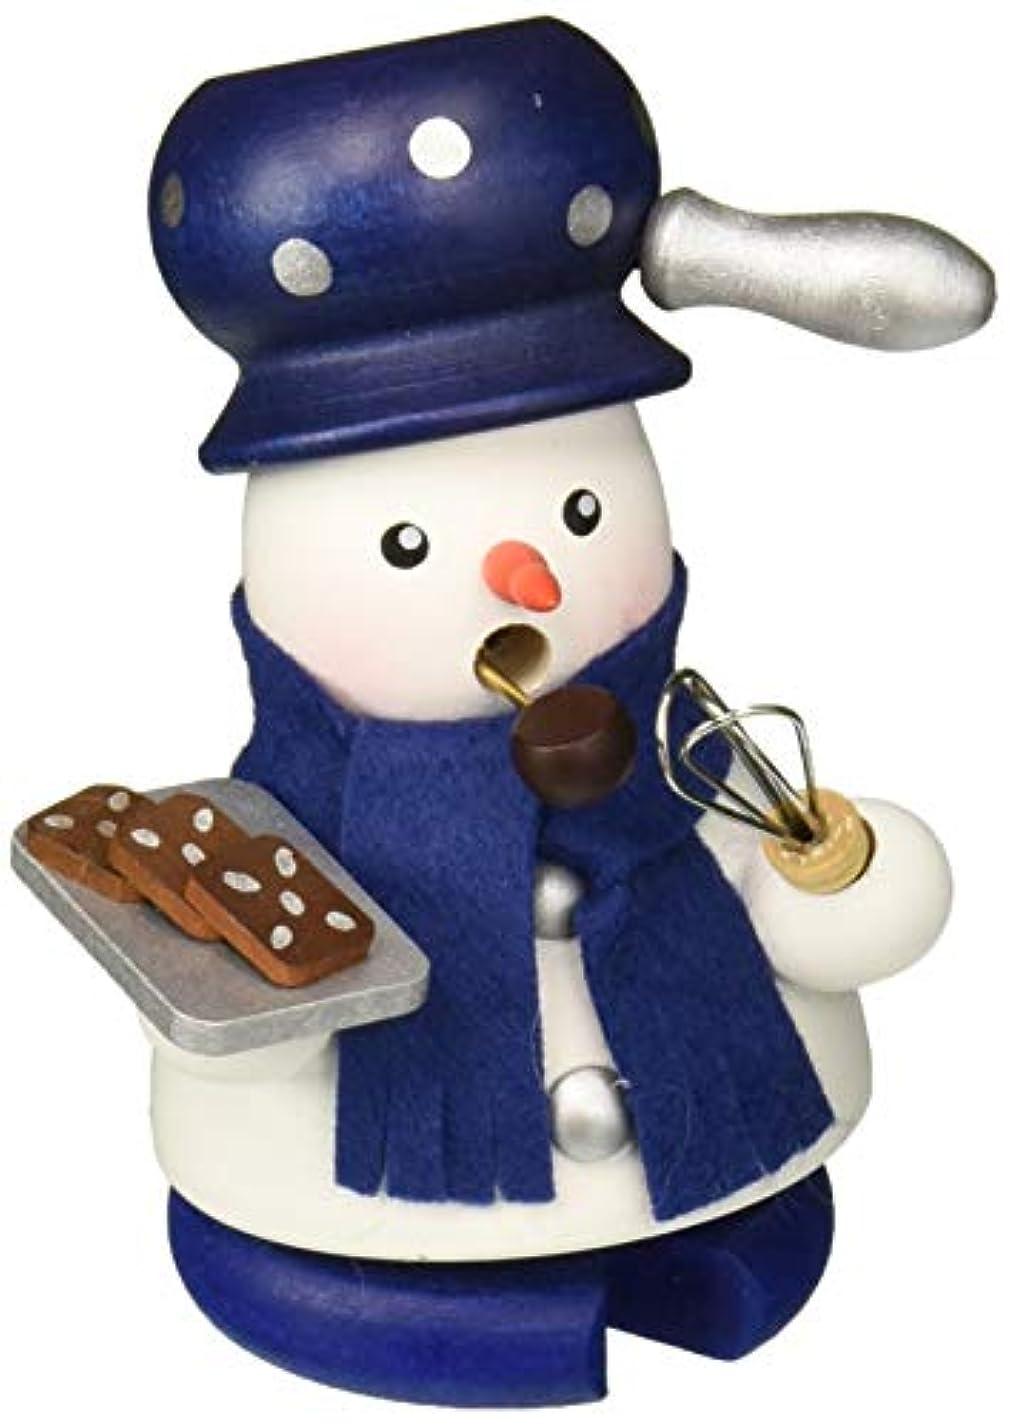 レンジファイナンス節約するAlexander Taron Christian Ulbricht装飾雪だるまBaker Incense Burner